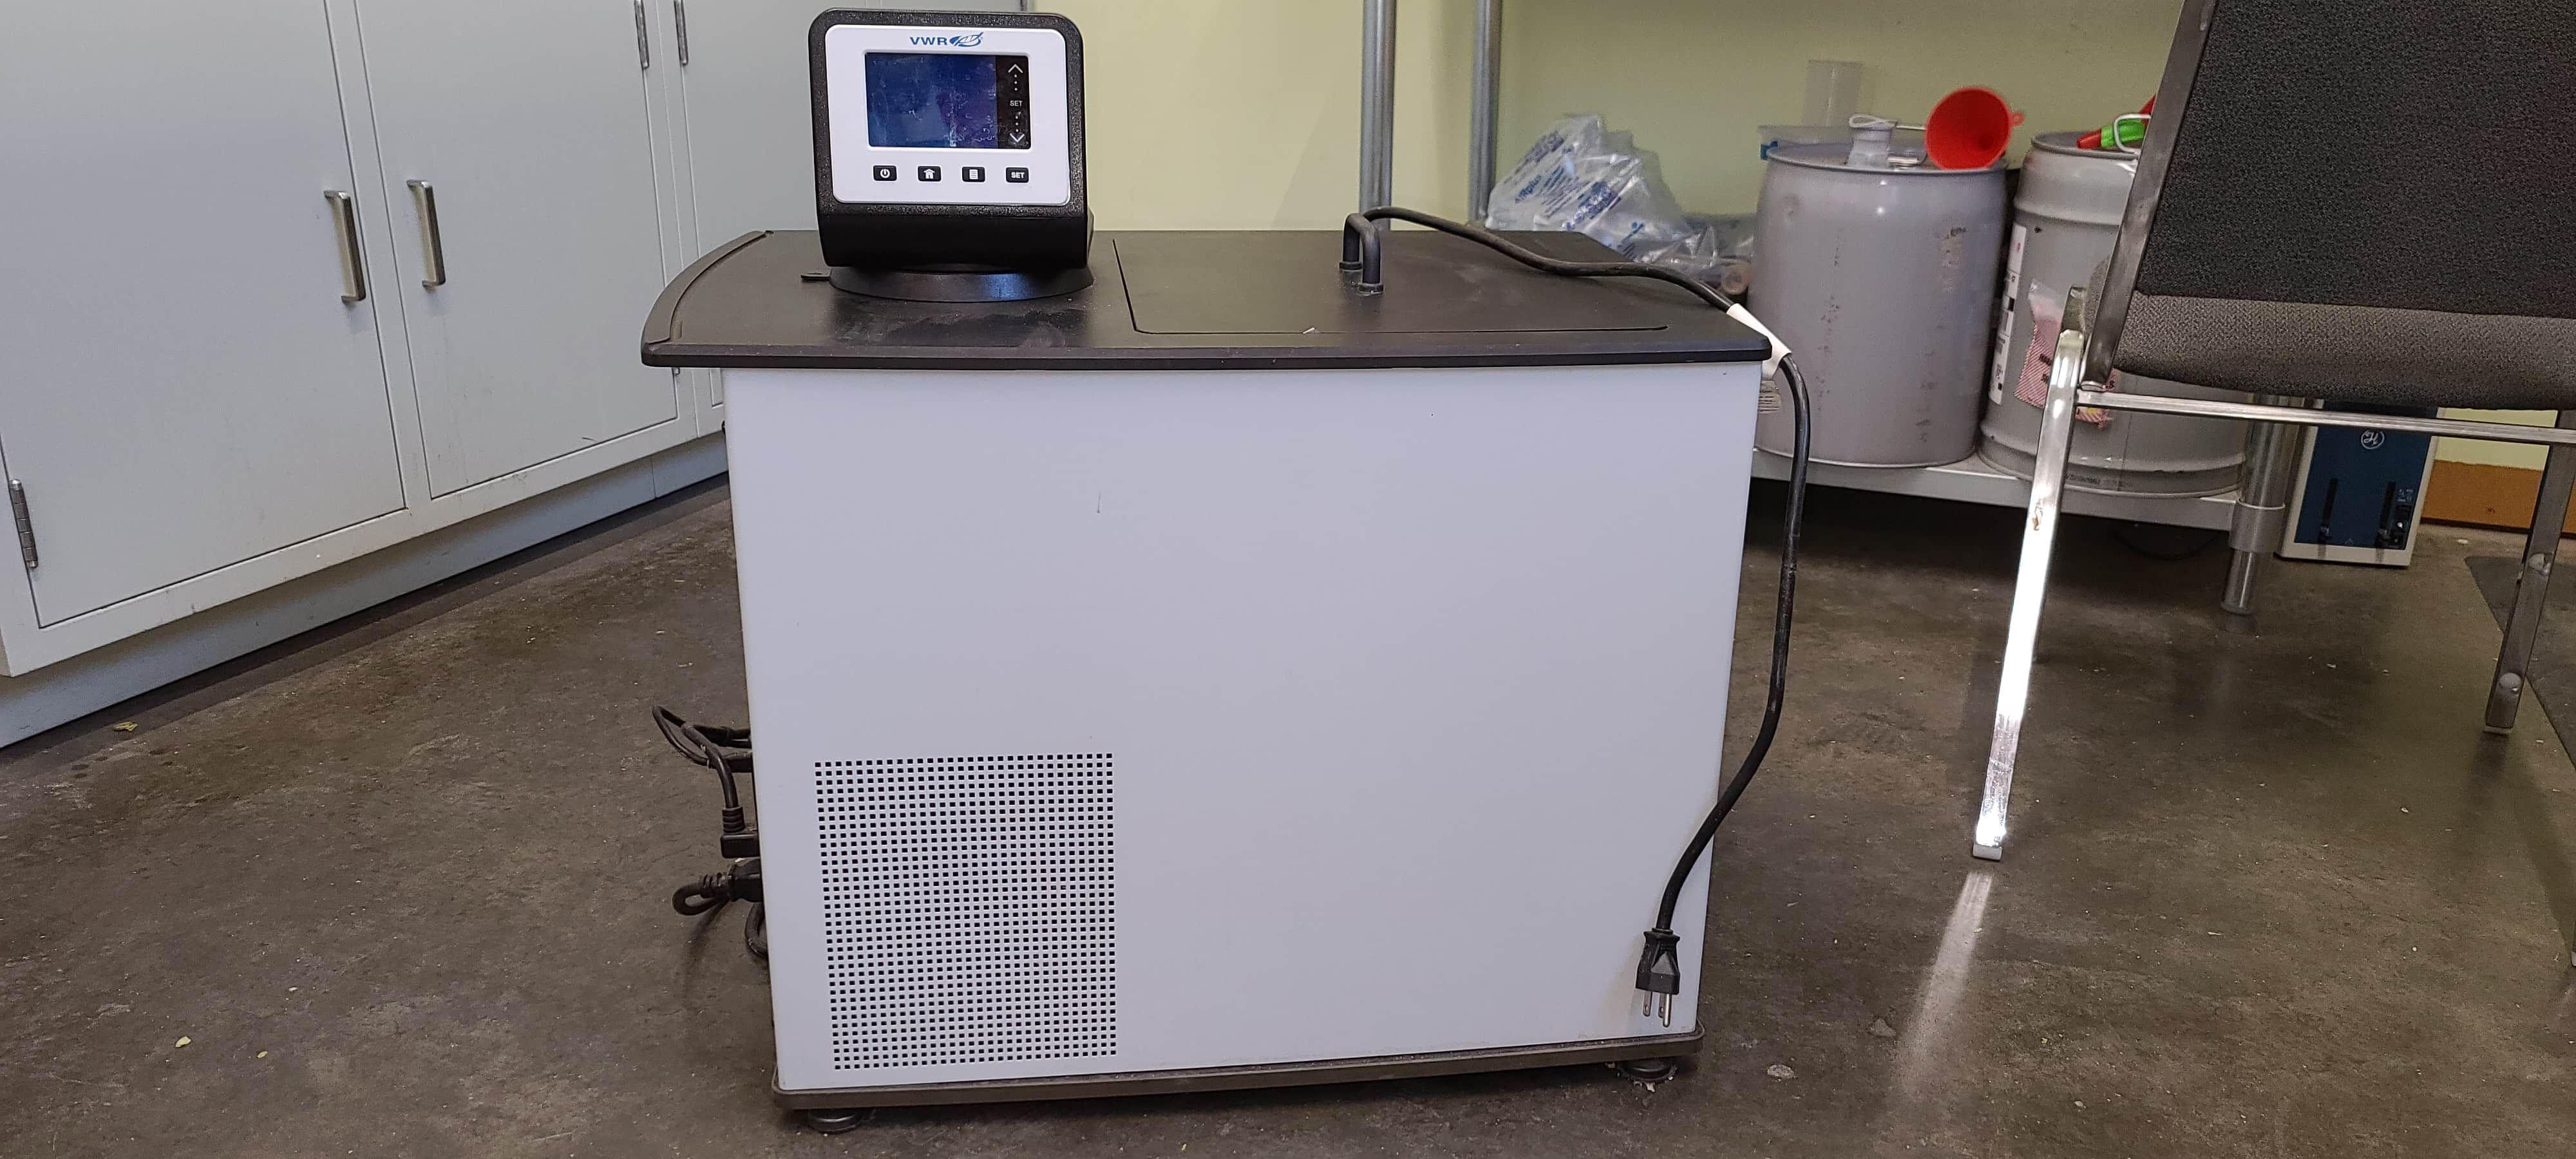 VWR Refrigerated Circulating Bath - AD28R-30-V11B - 28L